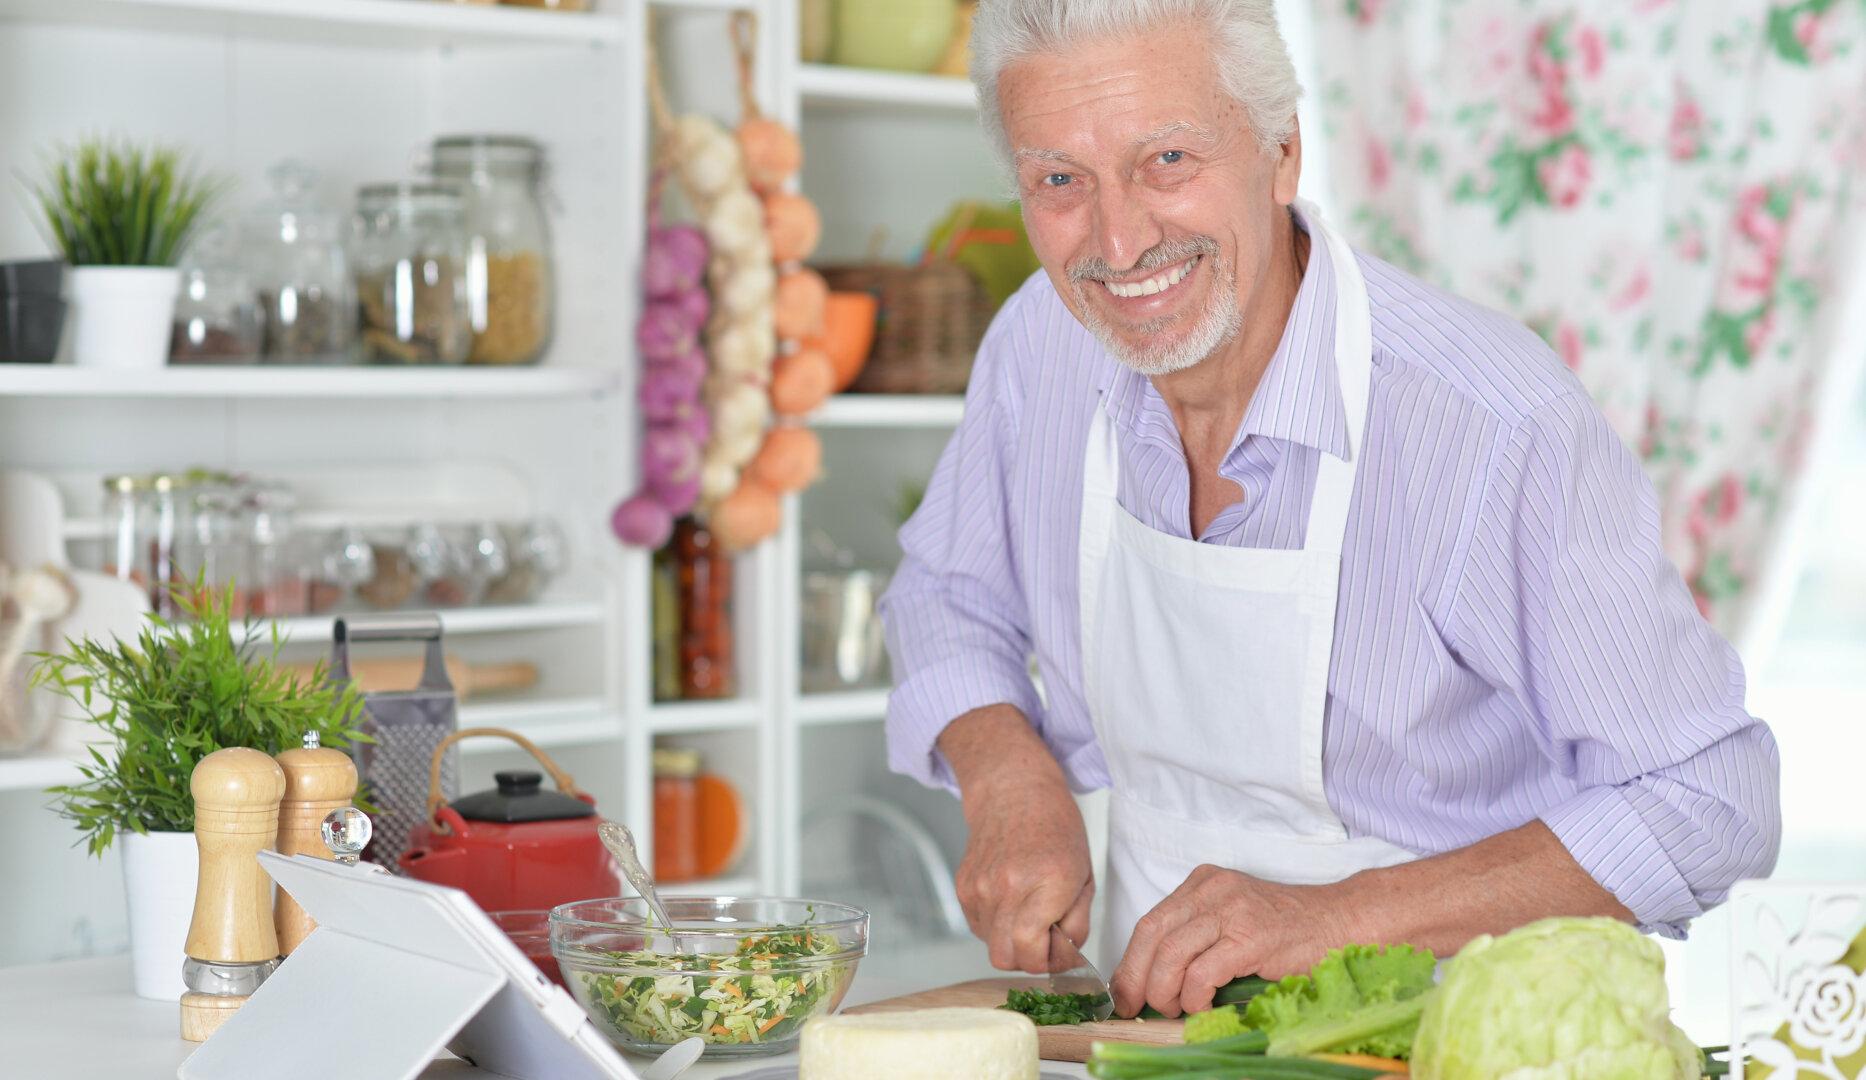 Zywienie Osob Starszych Dieta Lekkostrawna Co Nalezy Jesc Aby